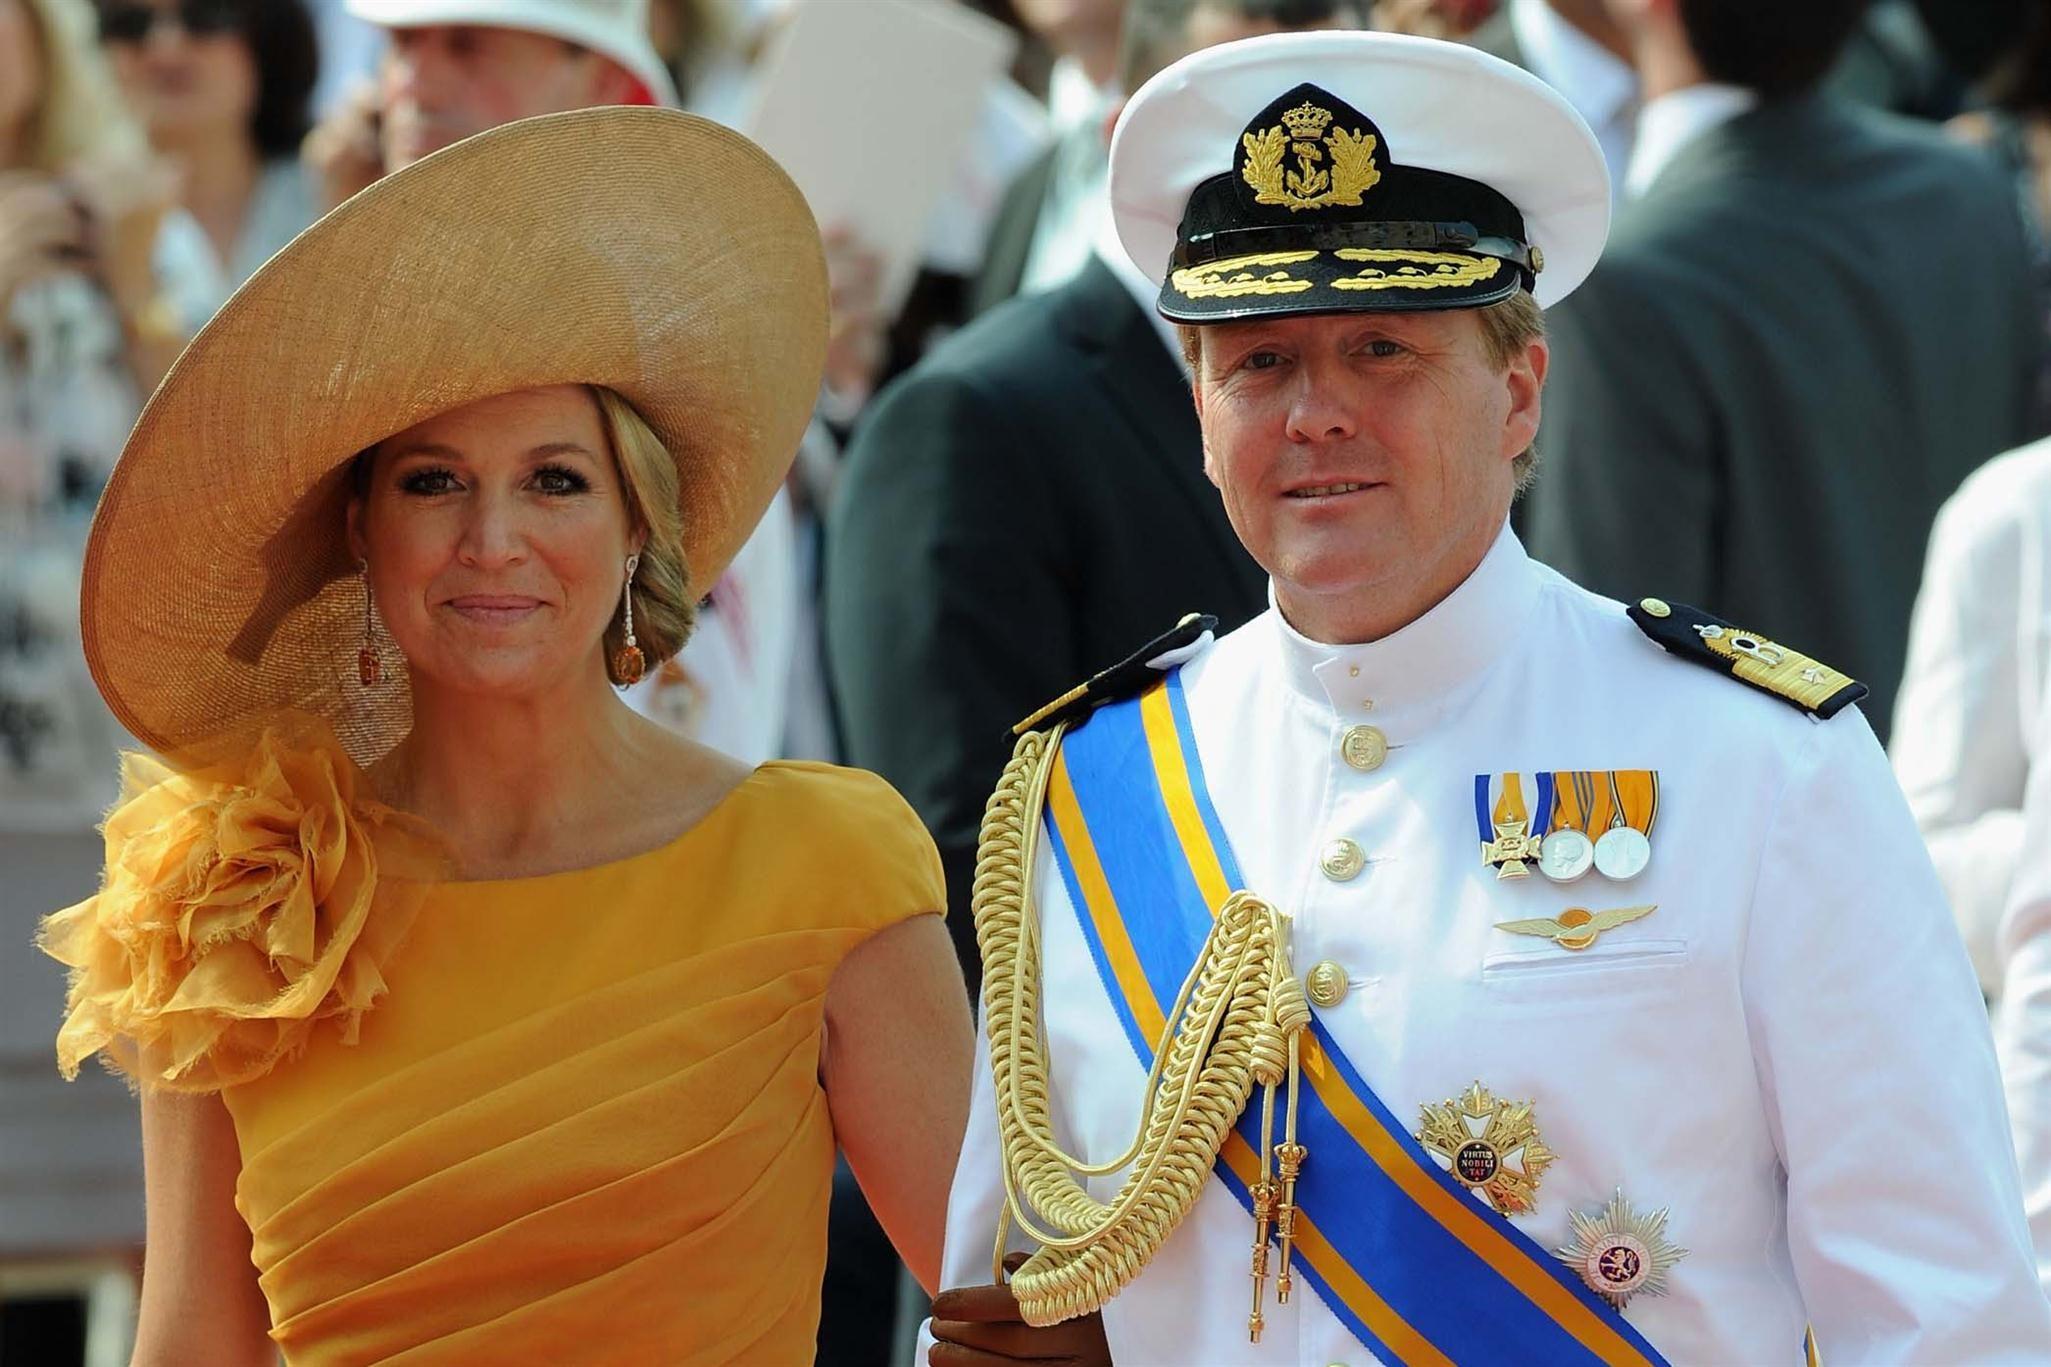 La reina Máxima de Holanda inaugura un canal con su nombre